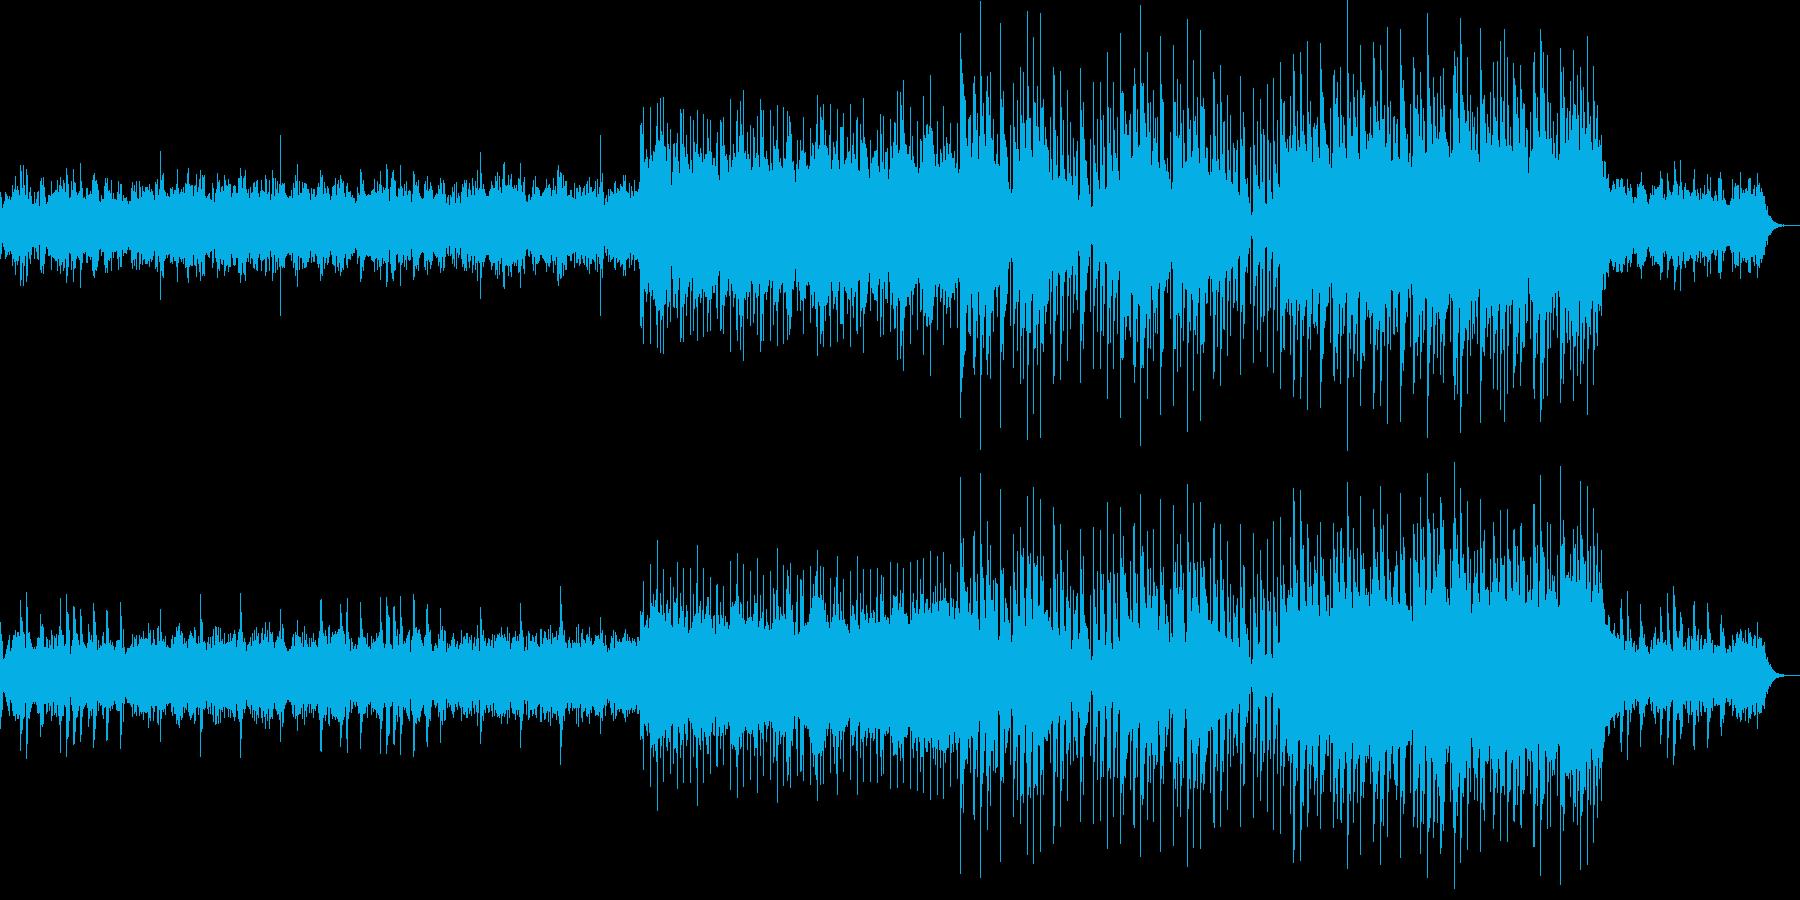 神秘的でノスタルジックな楽曲の再生済みの波形